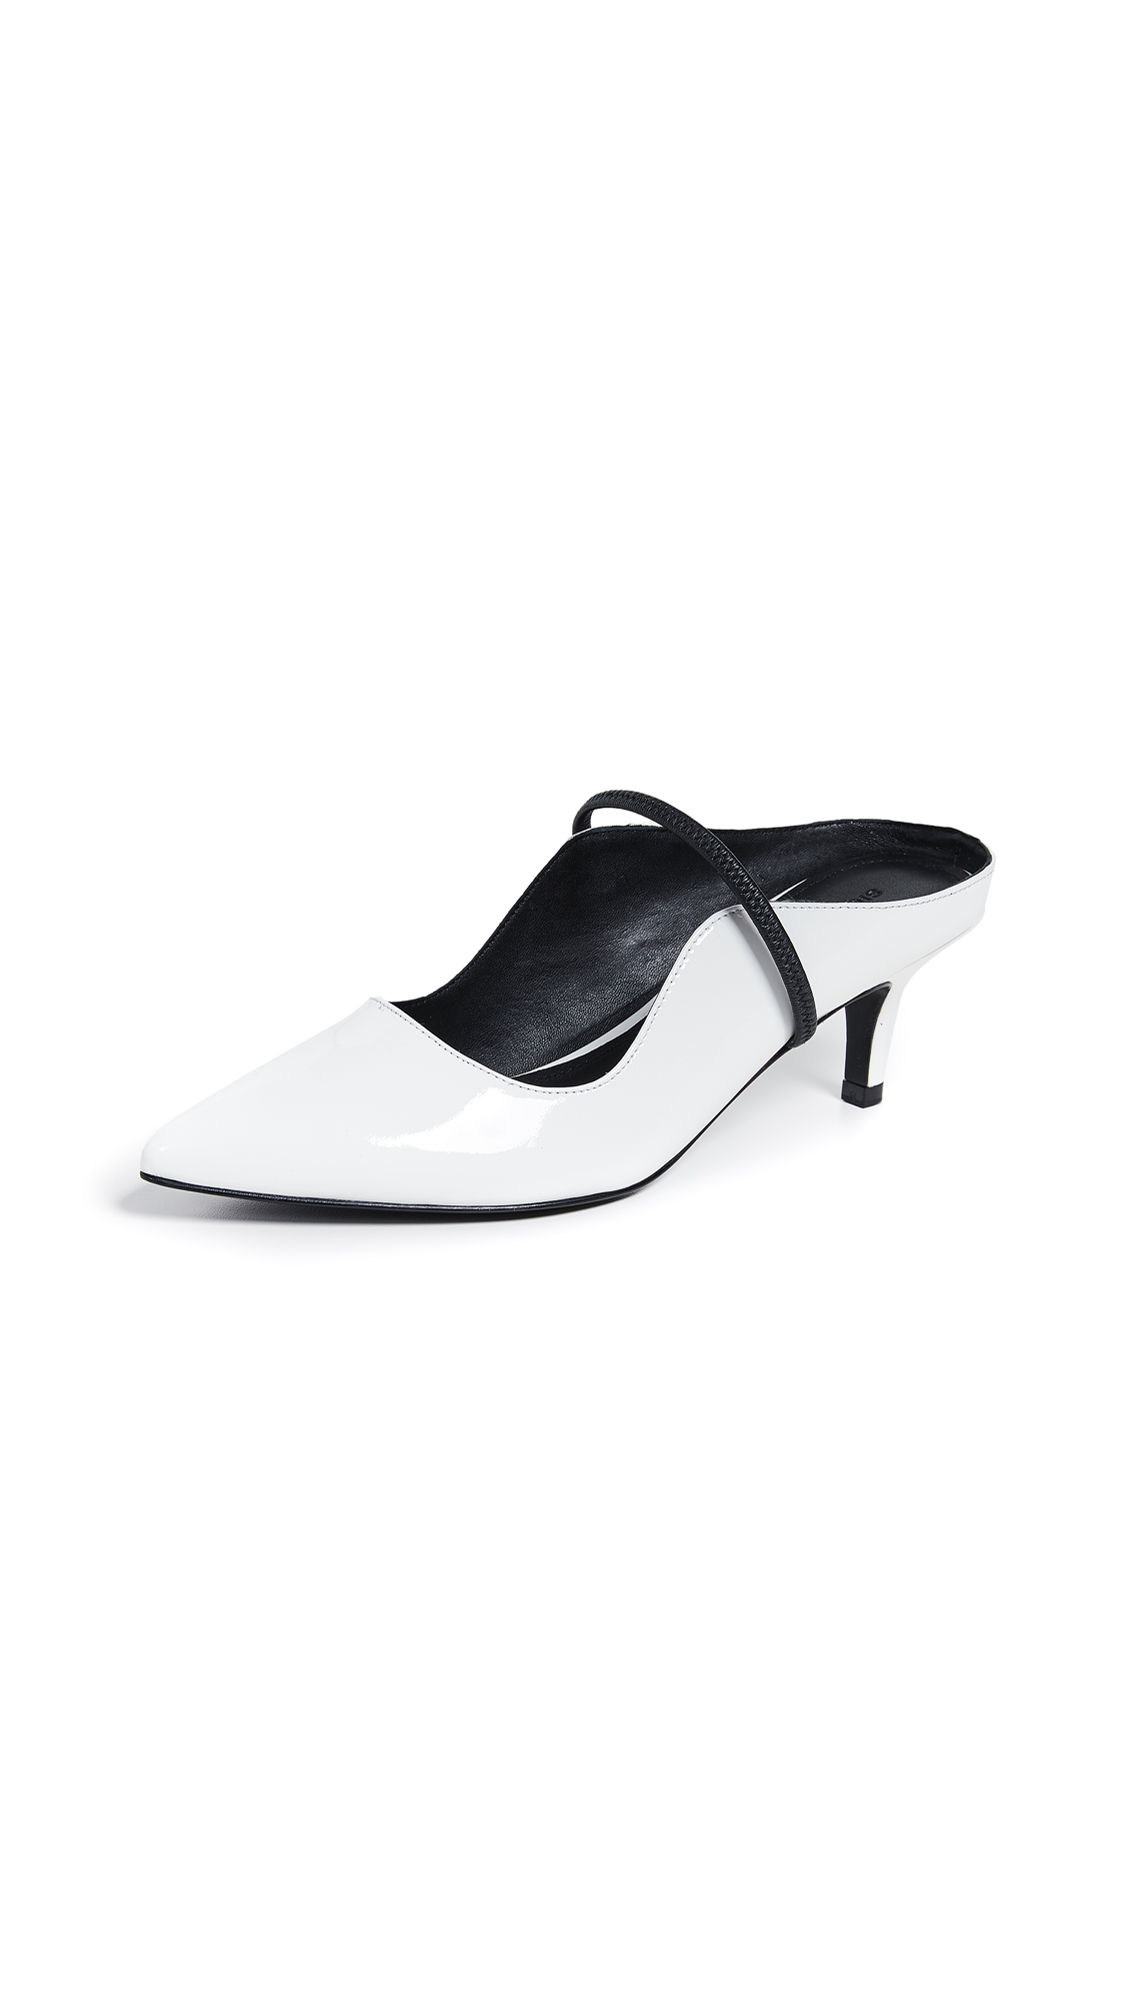 Sigerson Morrison Beryl Mule Pumps - White/Black